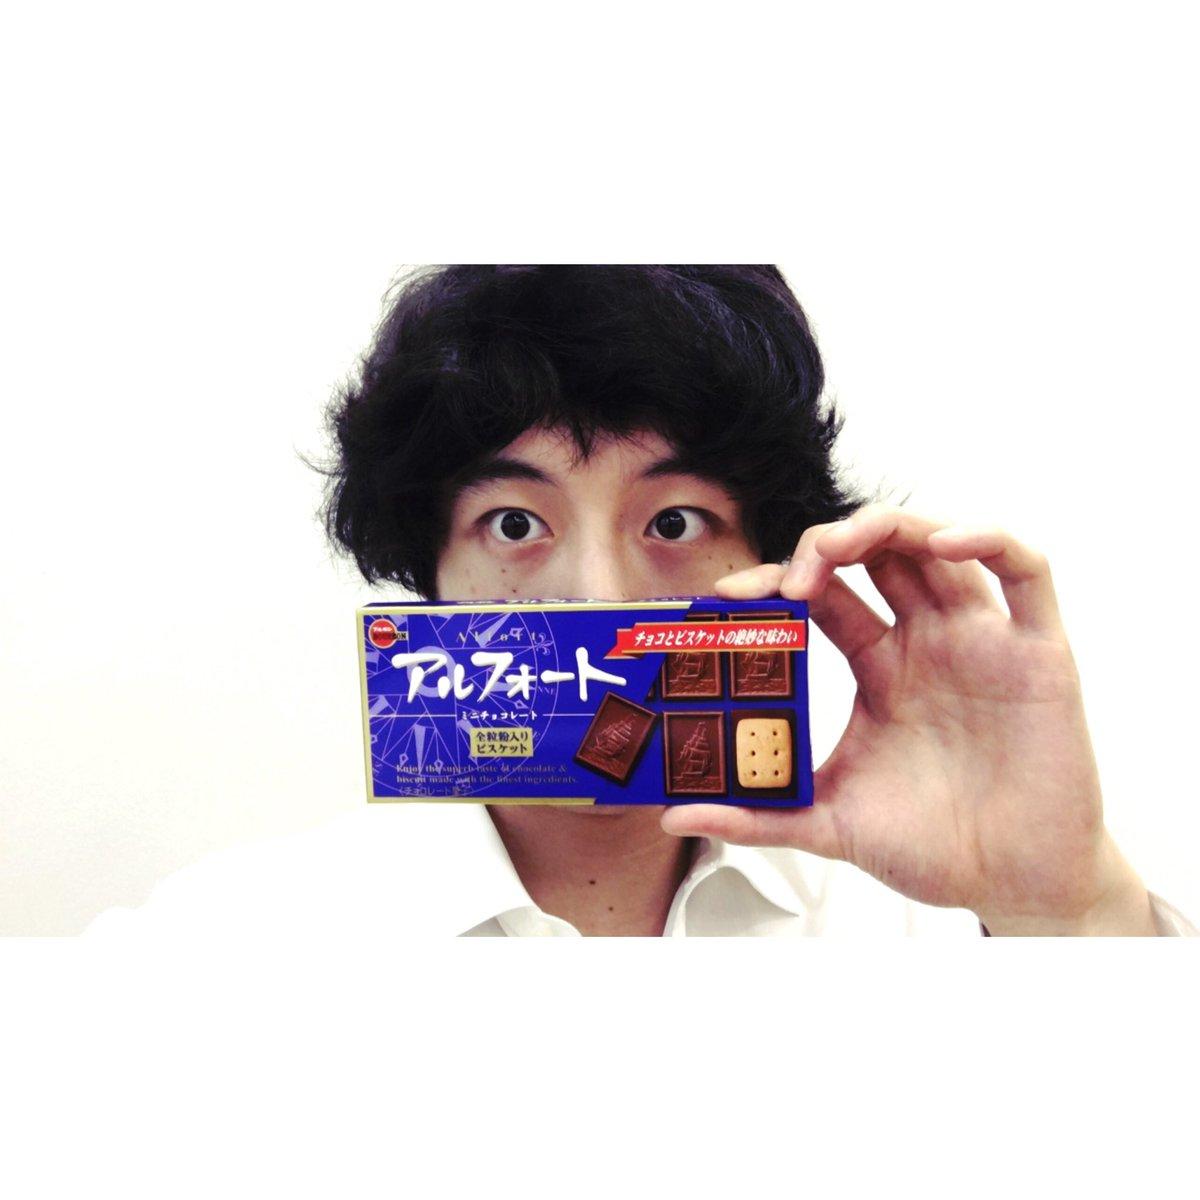 そして、坂口健太郎さんが出てる、アルフォートのCMを初めて見ました。  みんな、アルフォート食べよう、ぜ!!!  手がでかい!